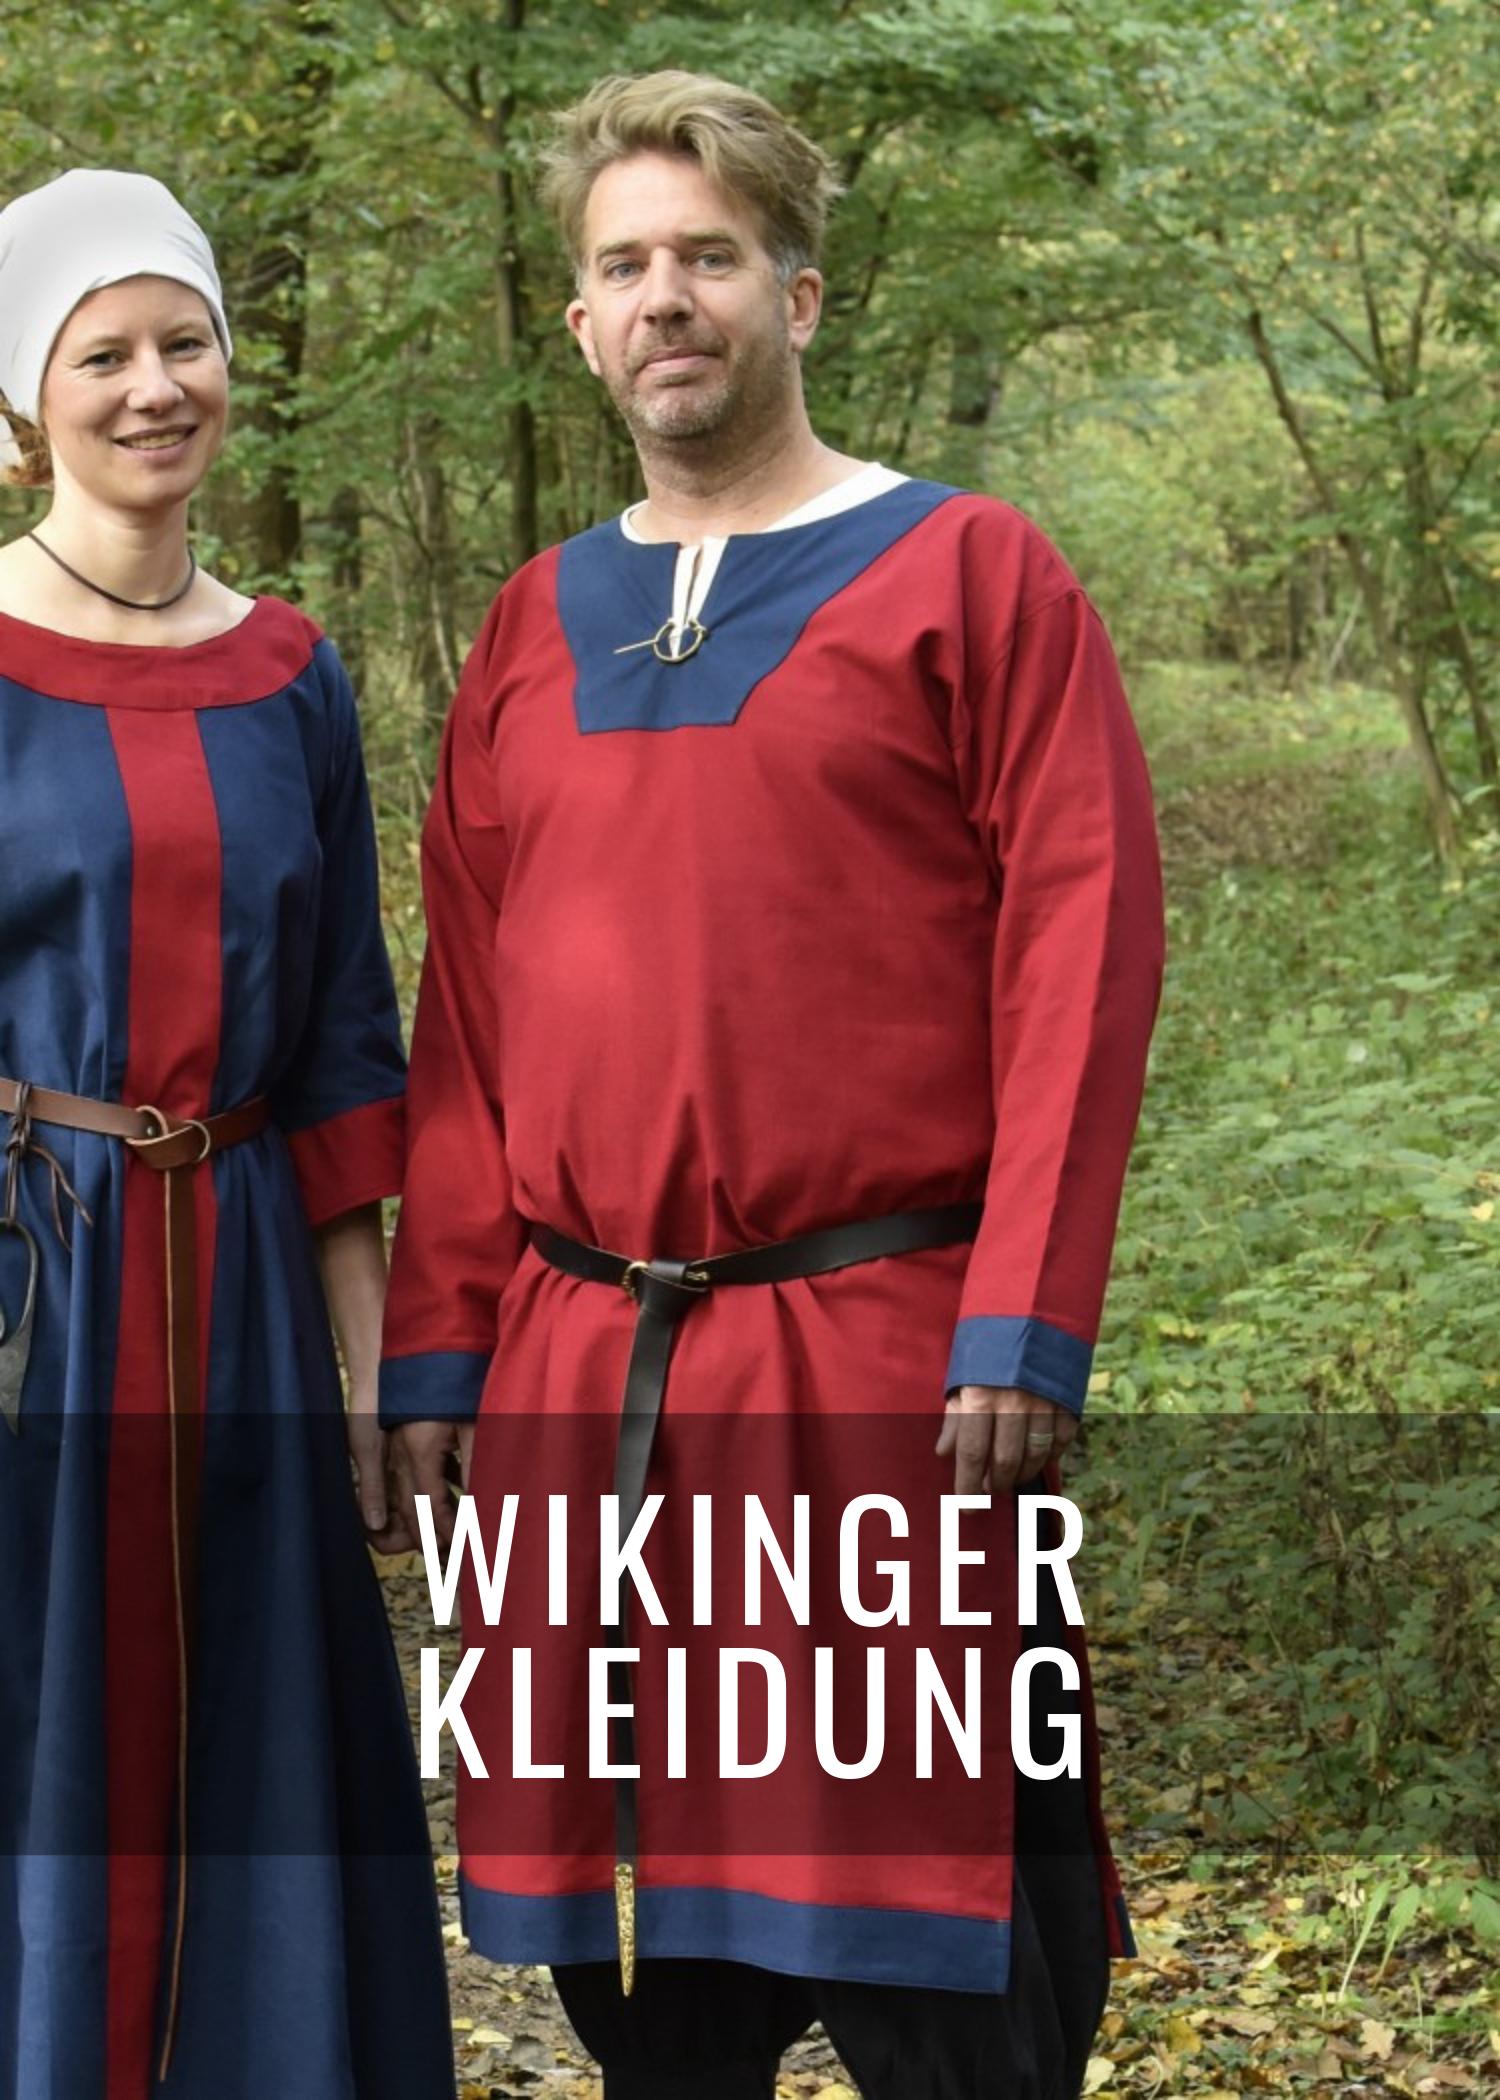 Wikinger Kleidung für Männer, Frauen und Kinder